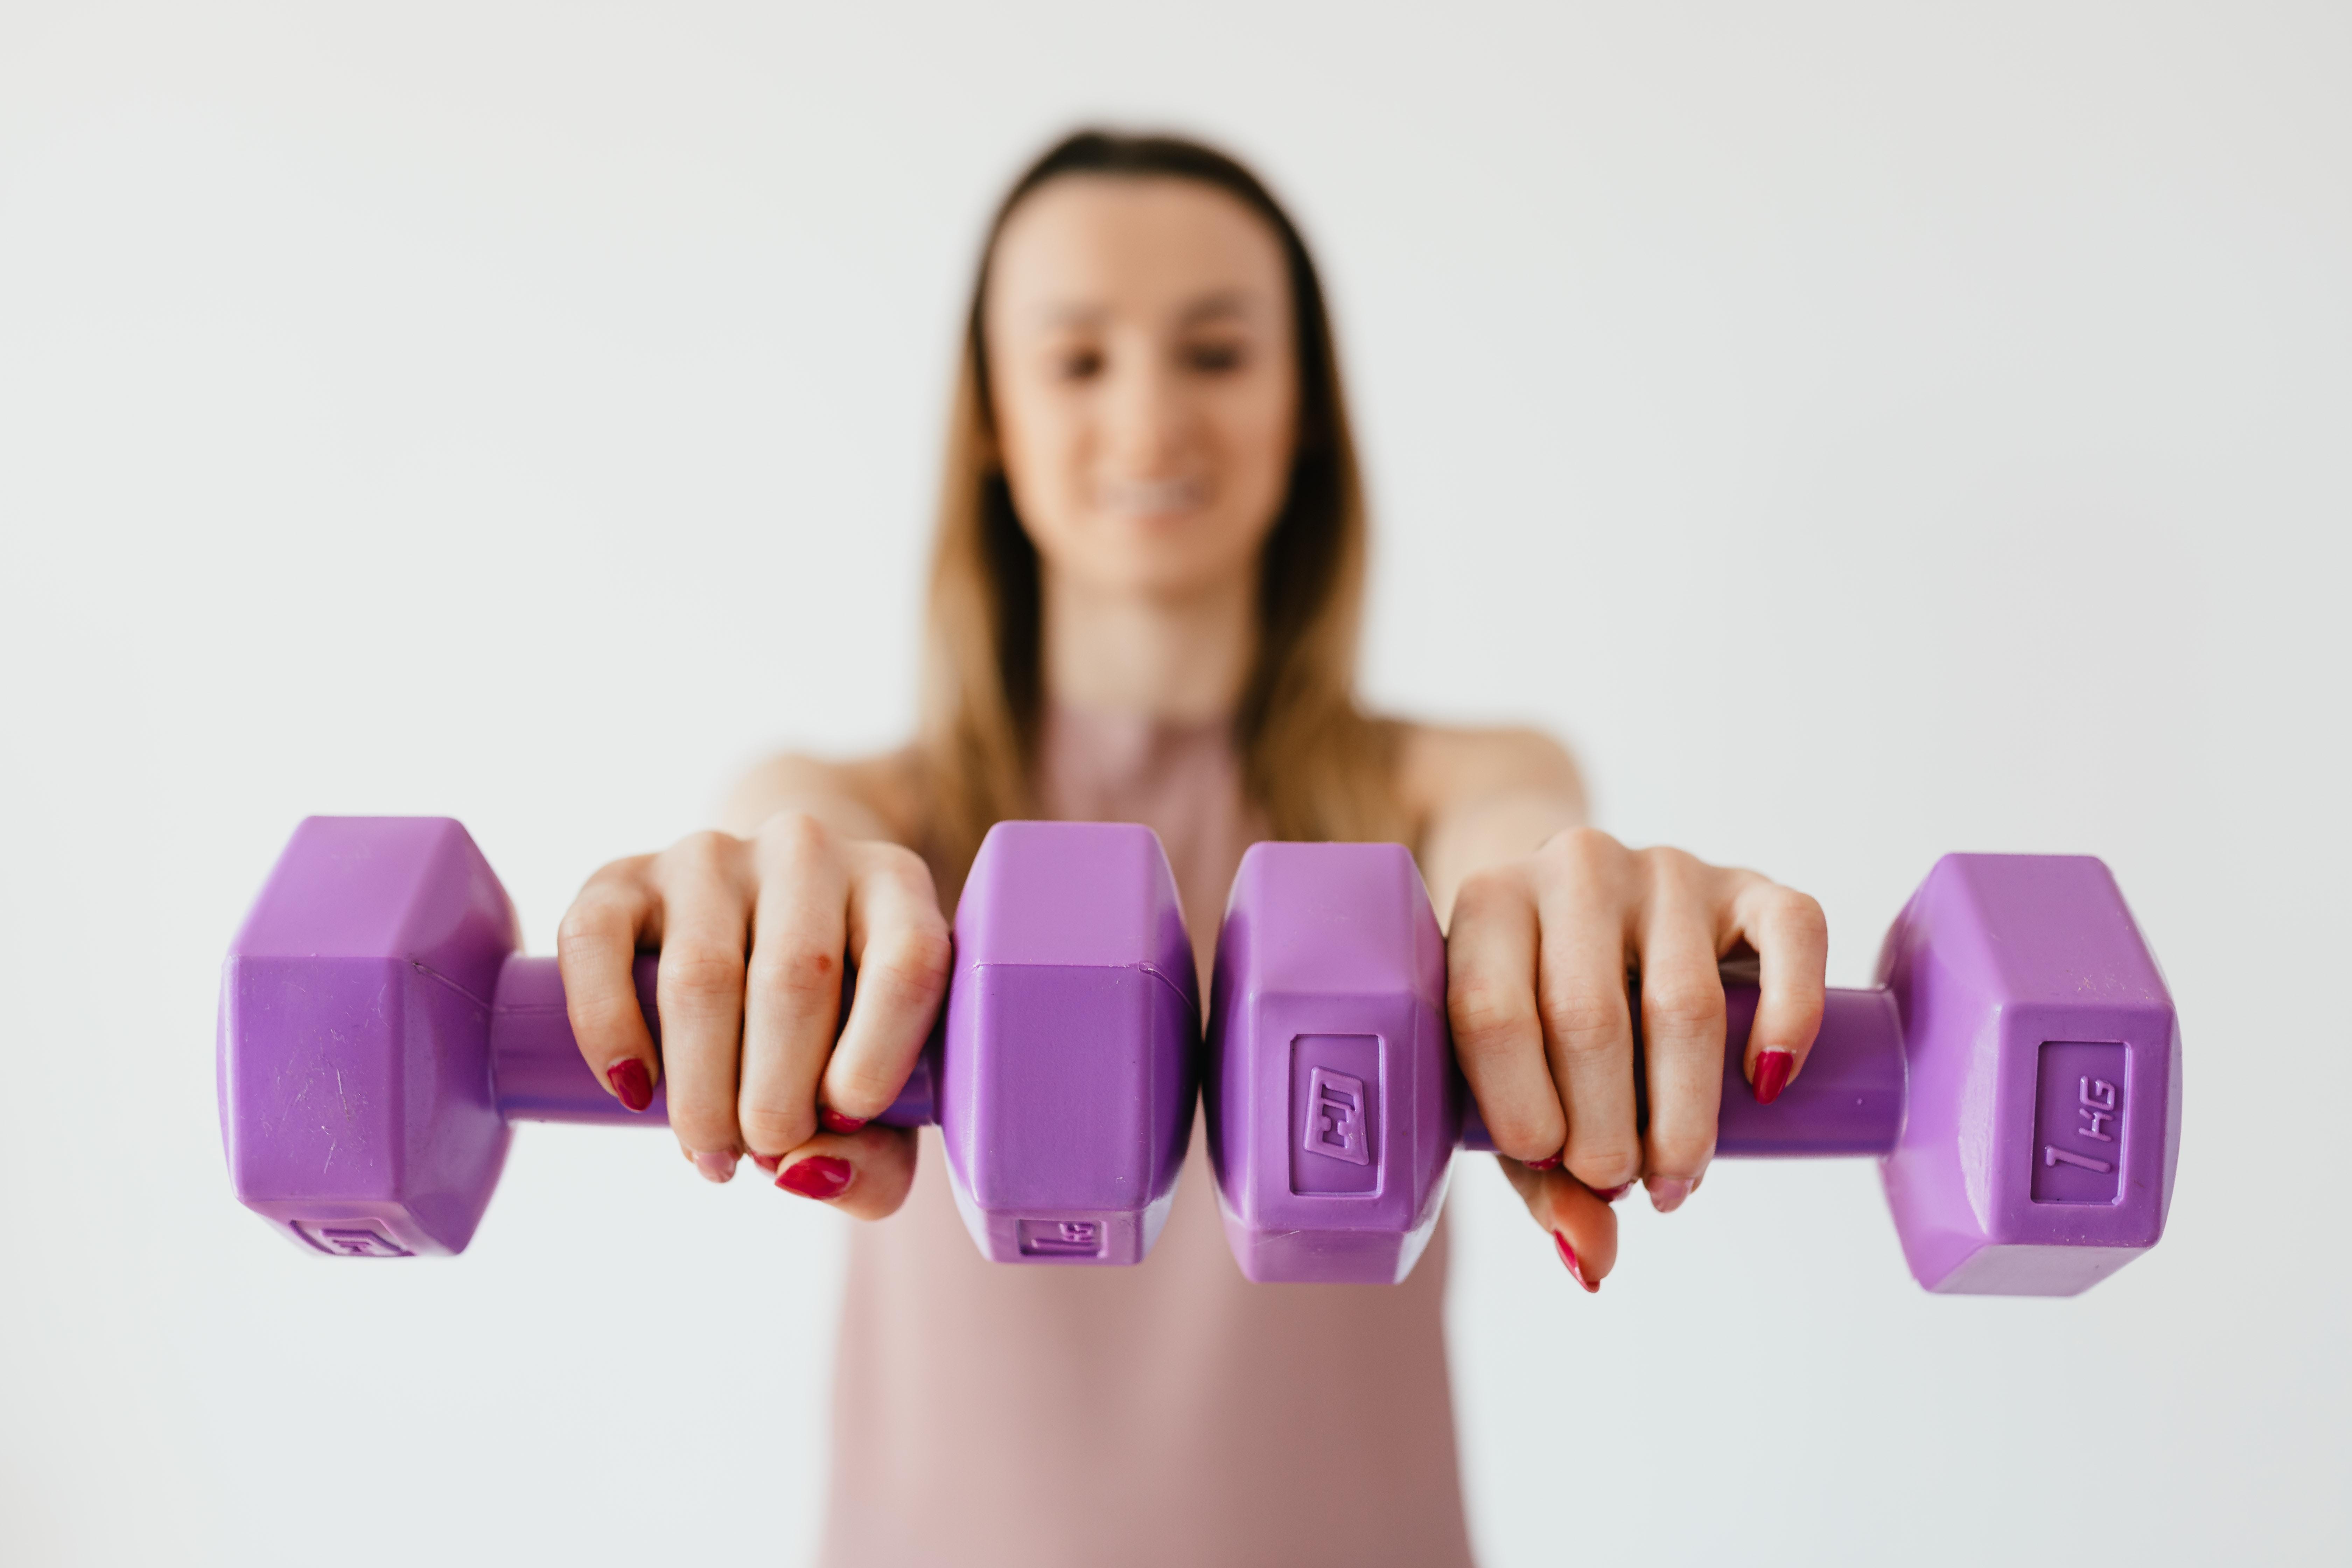 Mulher segurando dois pesos de academia roxos nas mãos